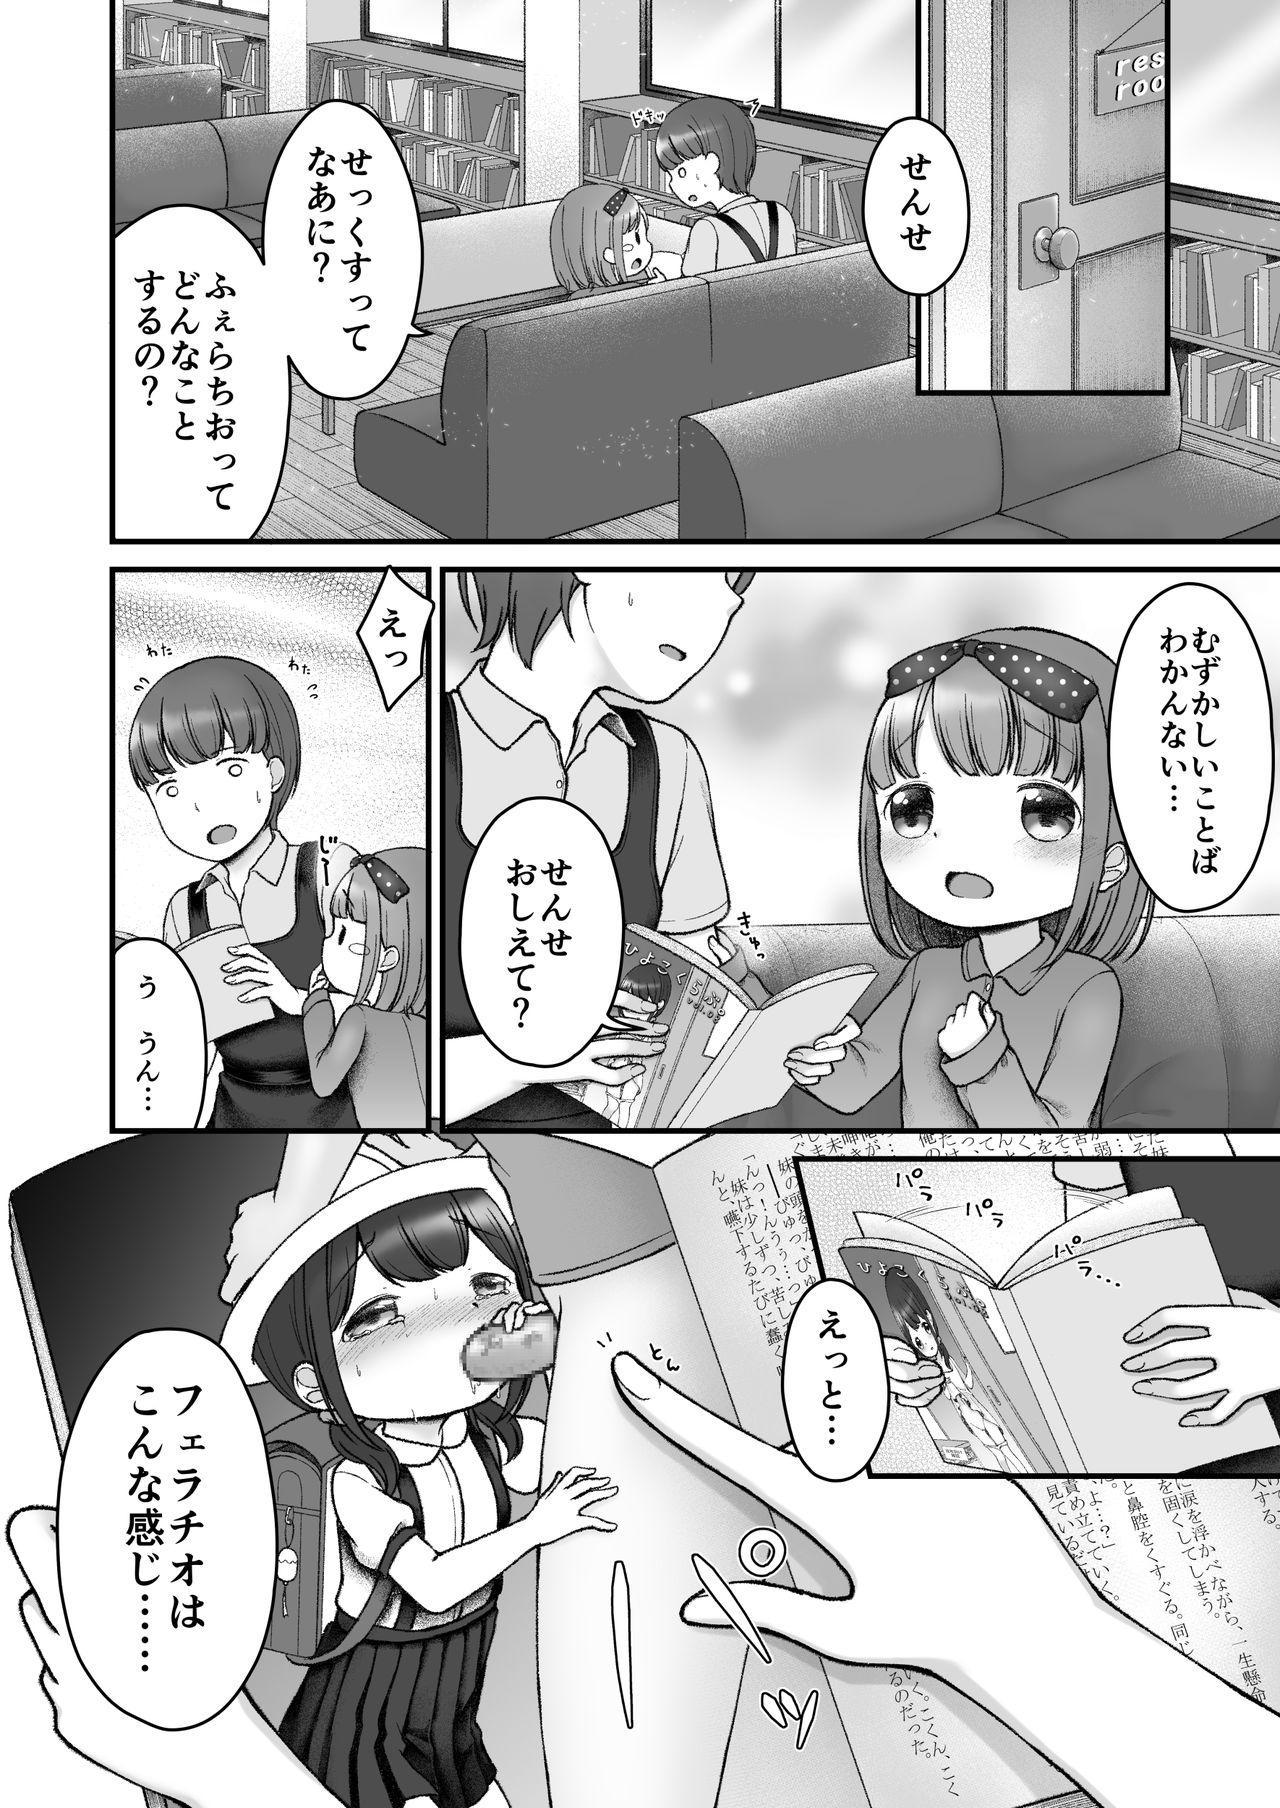 Ehon no Kuni no Arisu 5